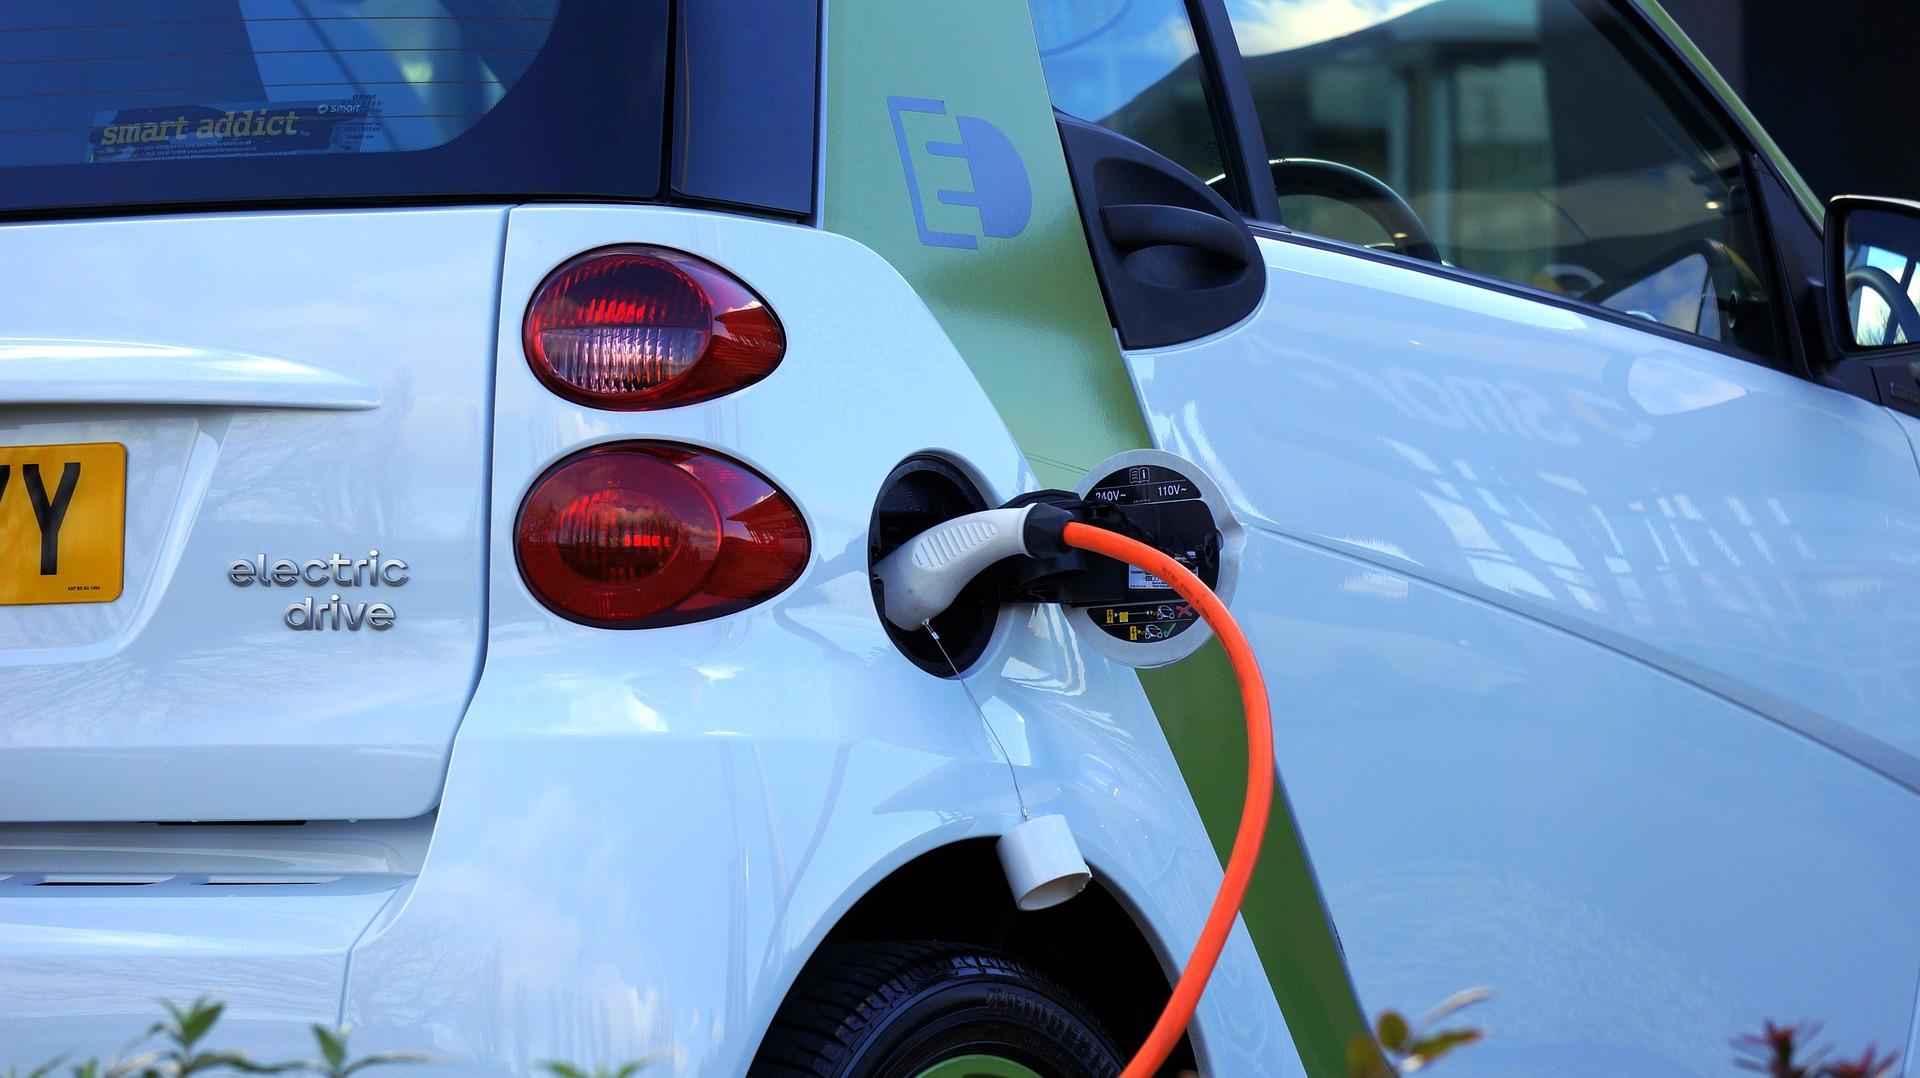 Lanzan un estándar global para la industria automotriz incorporando tecnología blockchain en un sistema descentralizado para la carga de vehículos eléctricos